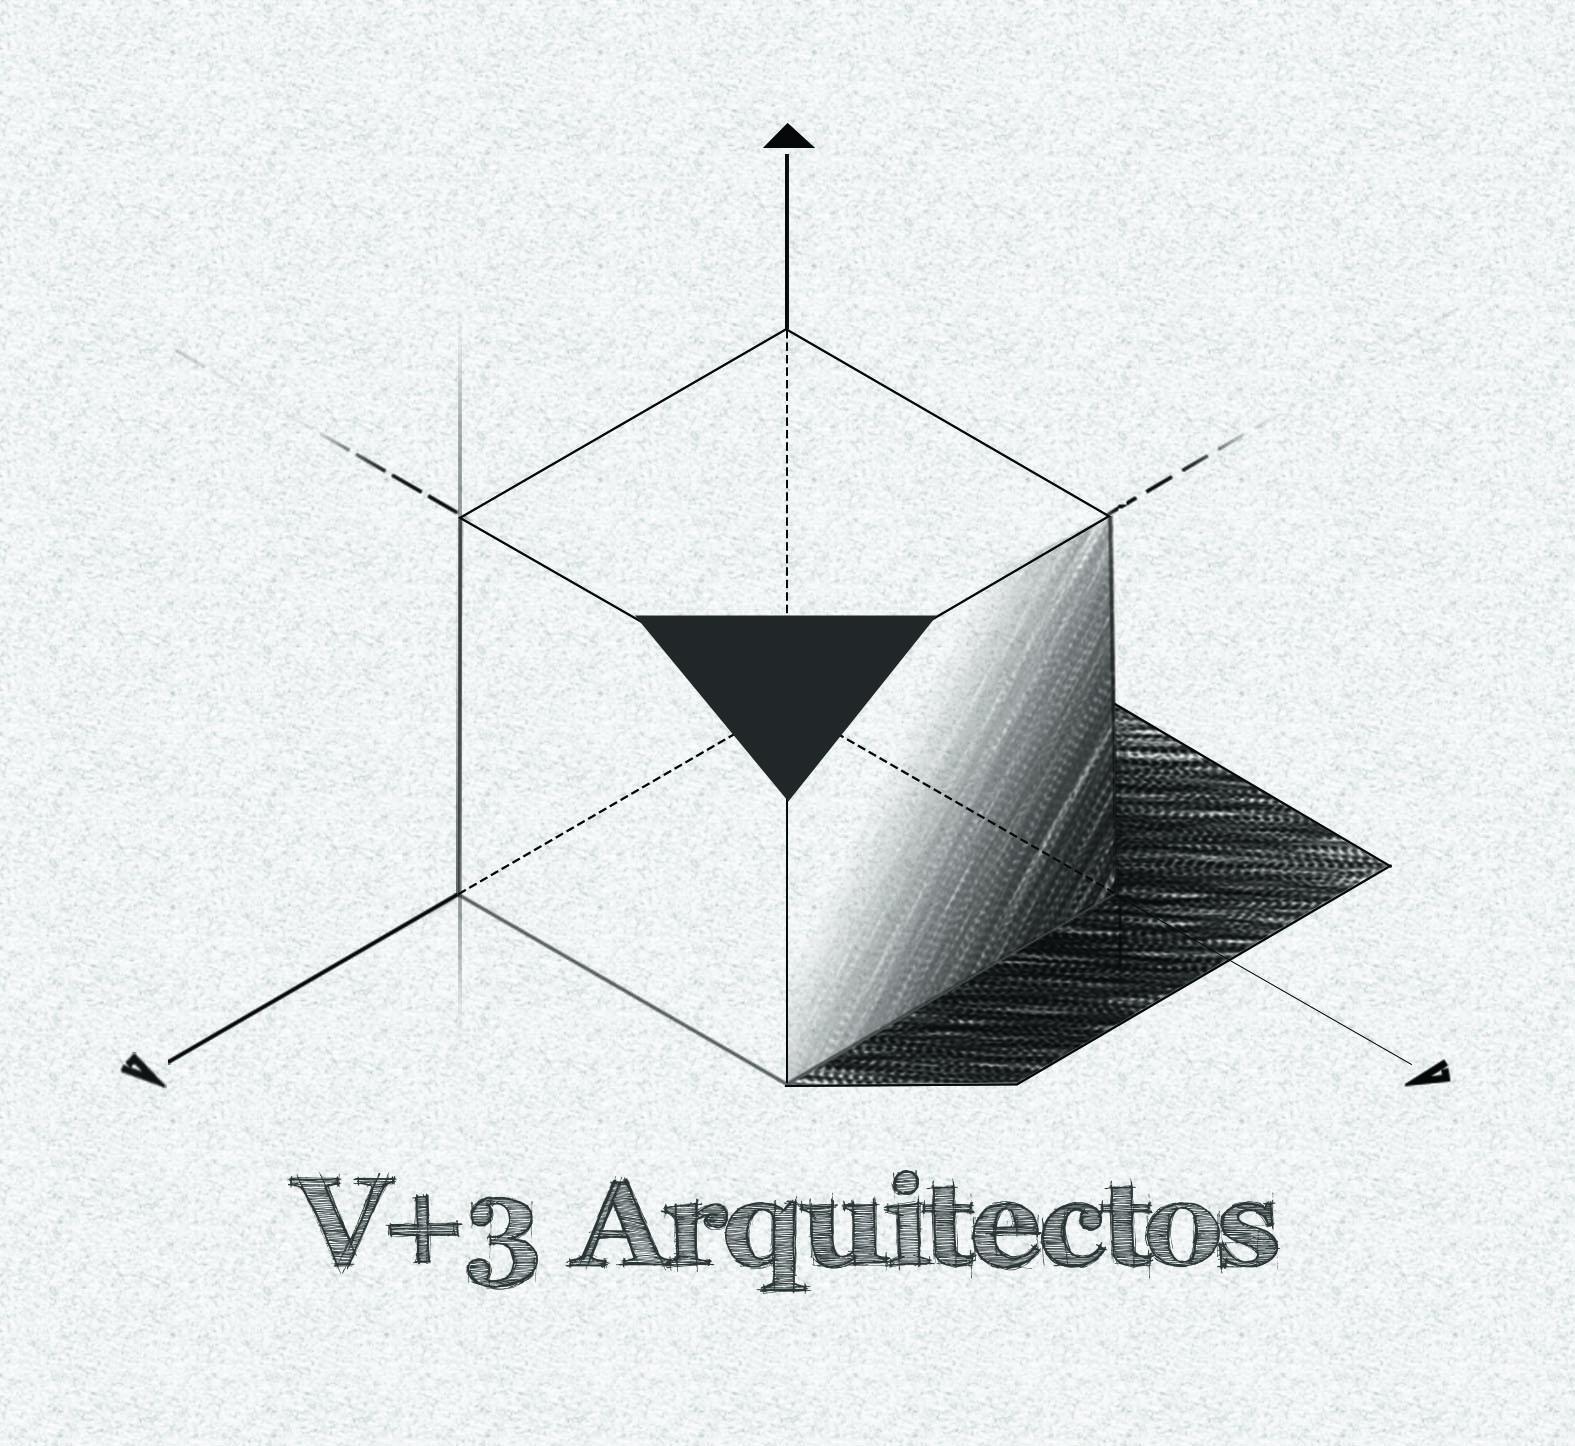 V+3 Arquitectos